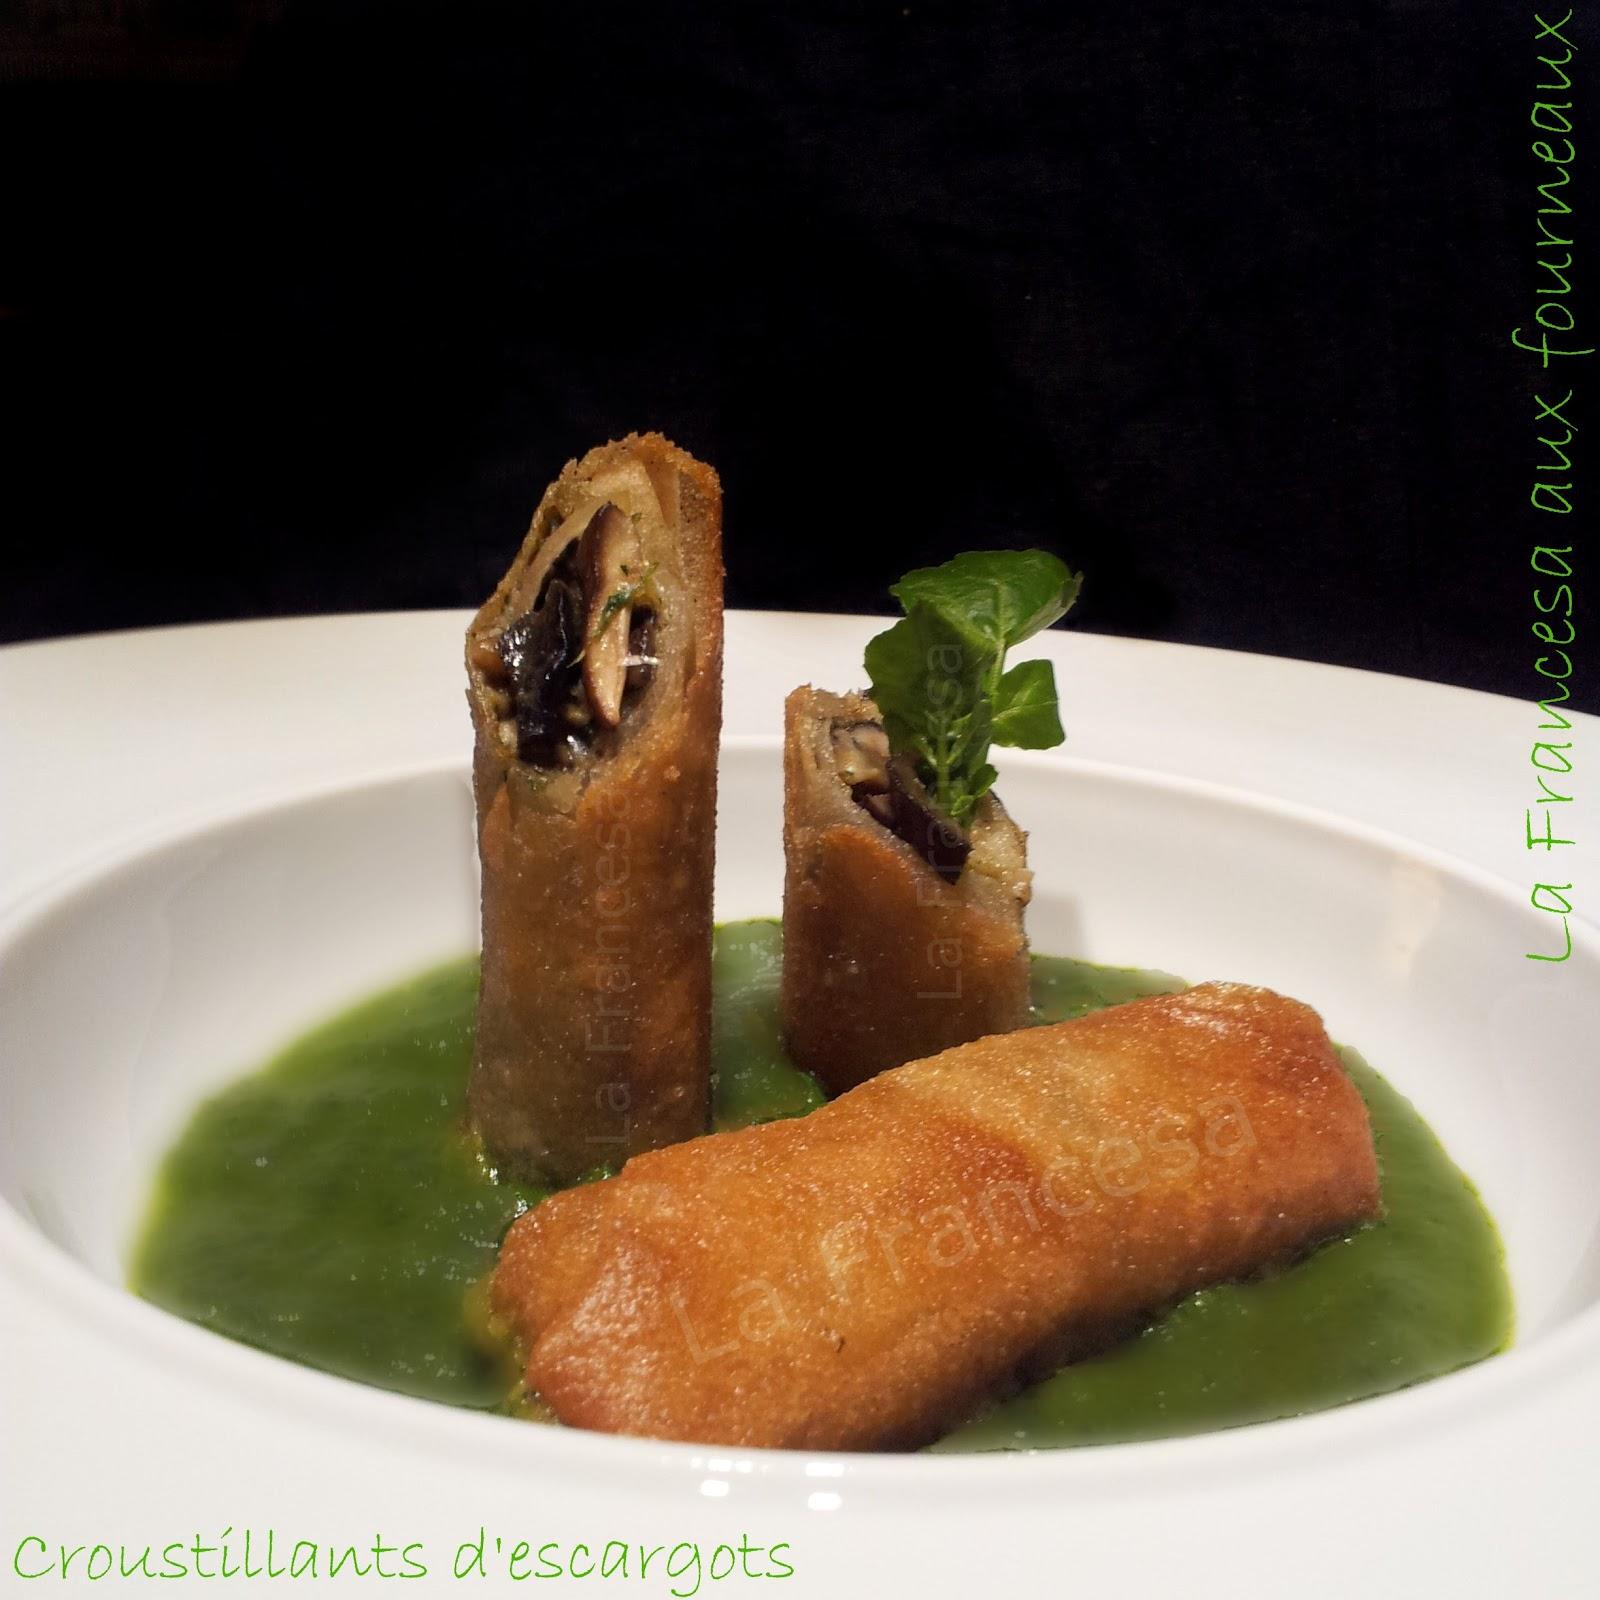 La table lorraine d amelie veau aux cepes et girolles en - Recette De Croustillants D Escargots Aux C Pes